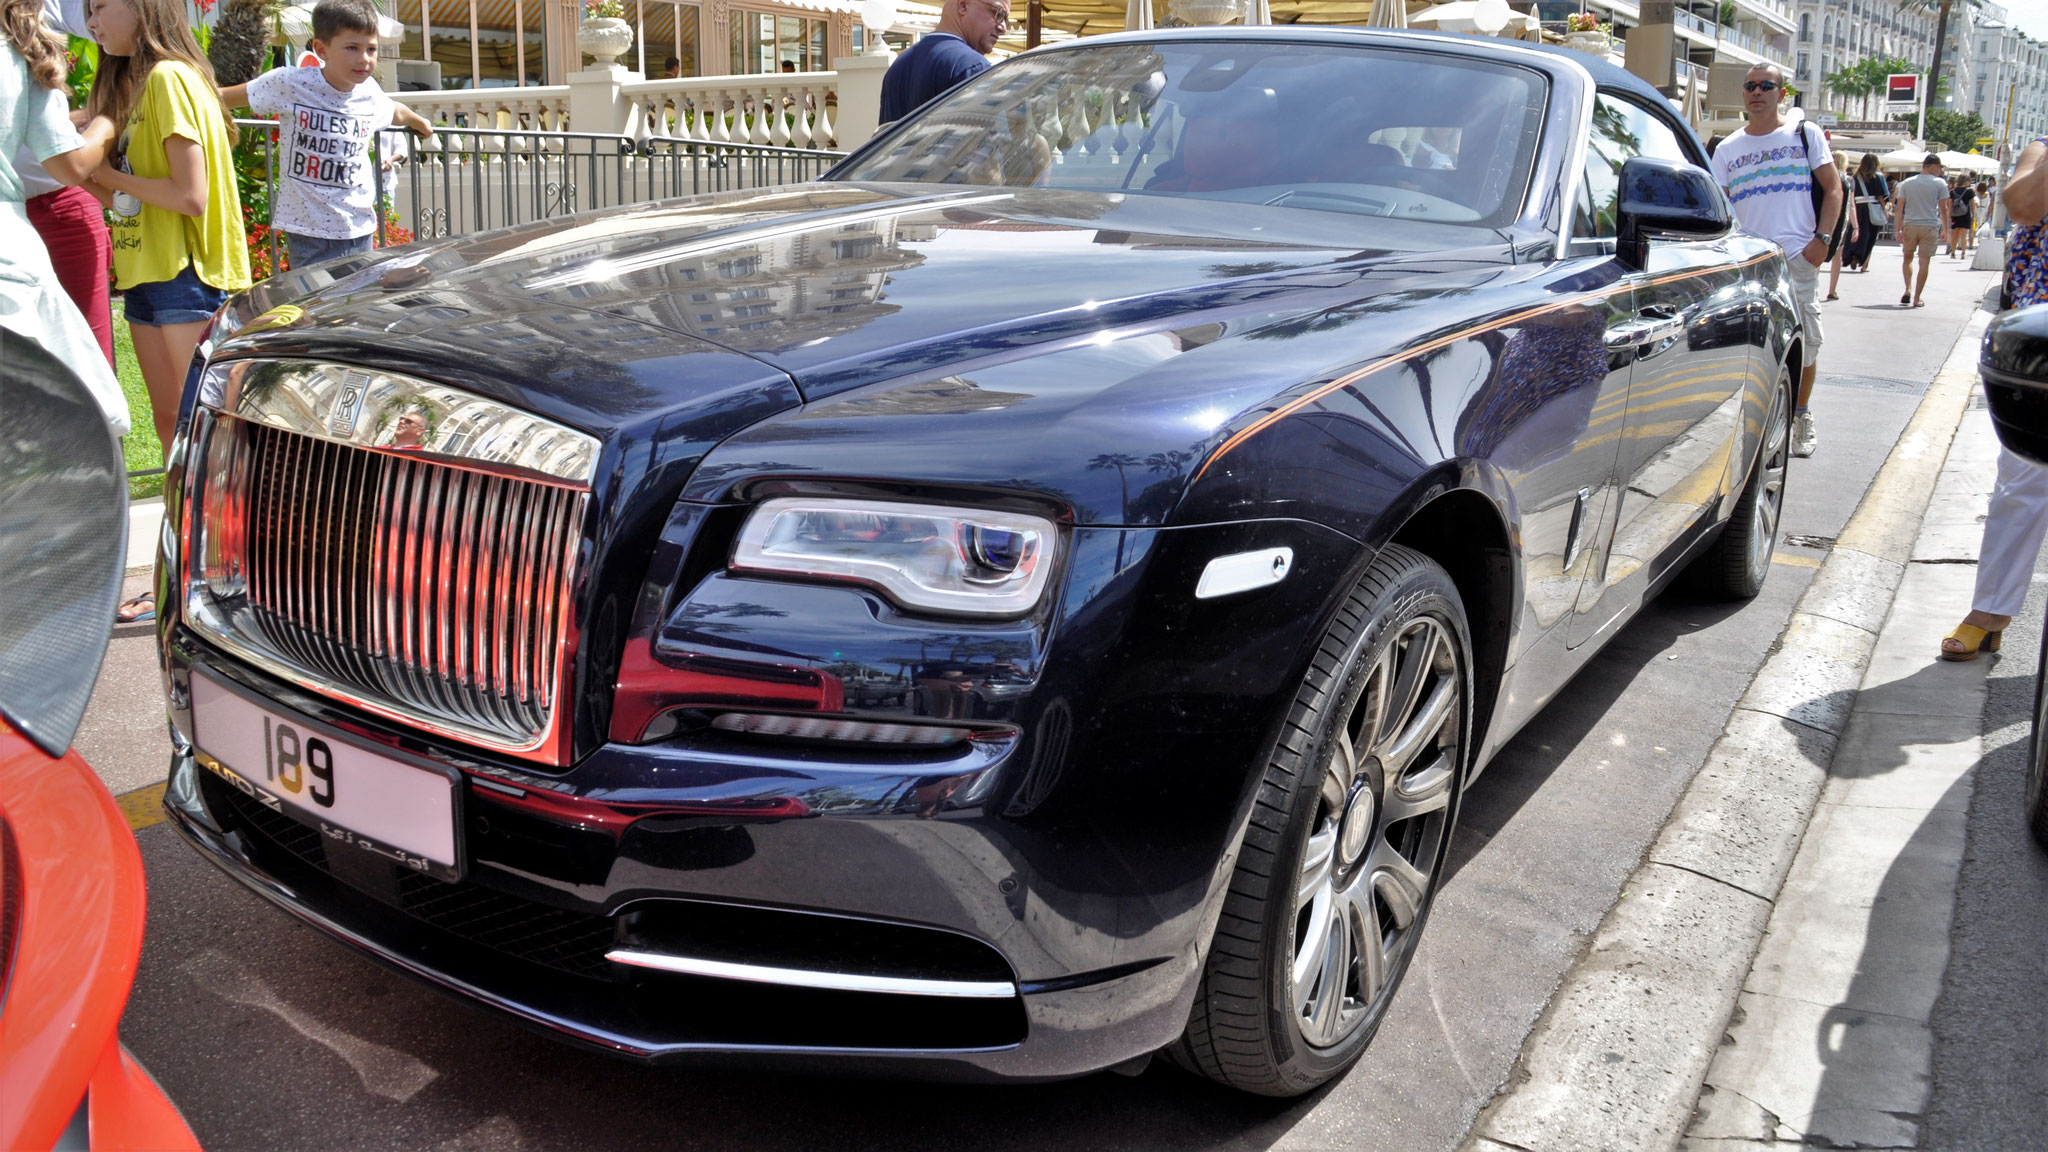 Rolls Royce Dawn - I89 (GB)